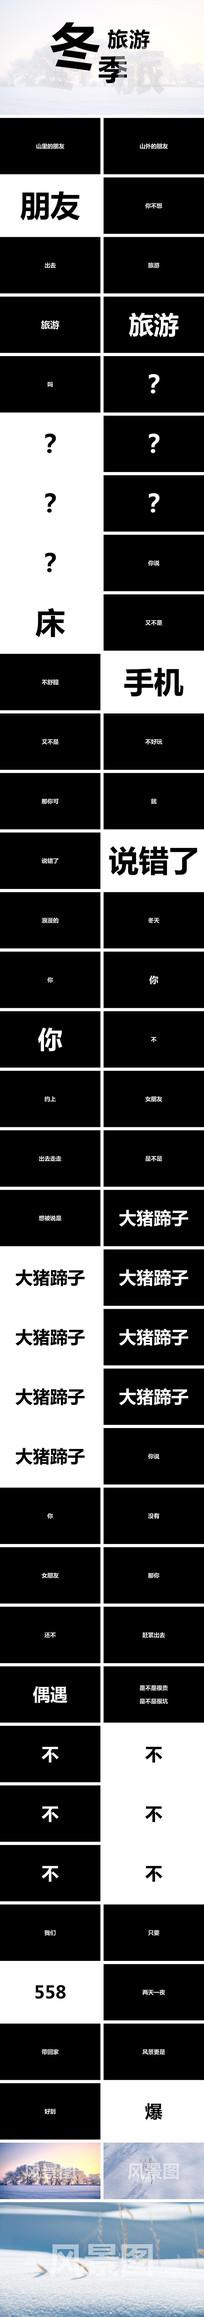 冬节元旦春节快闪旅游宣传PPT